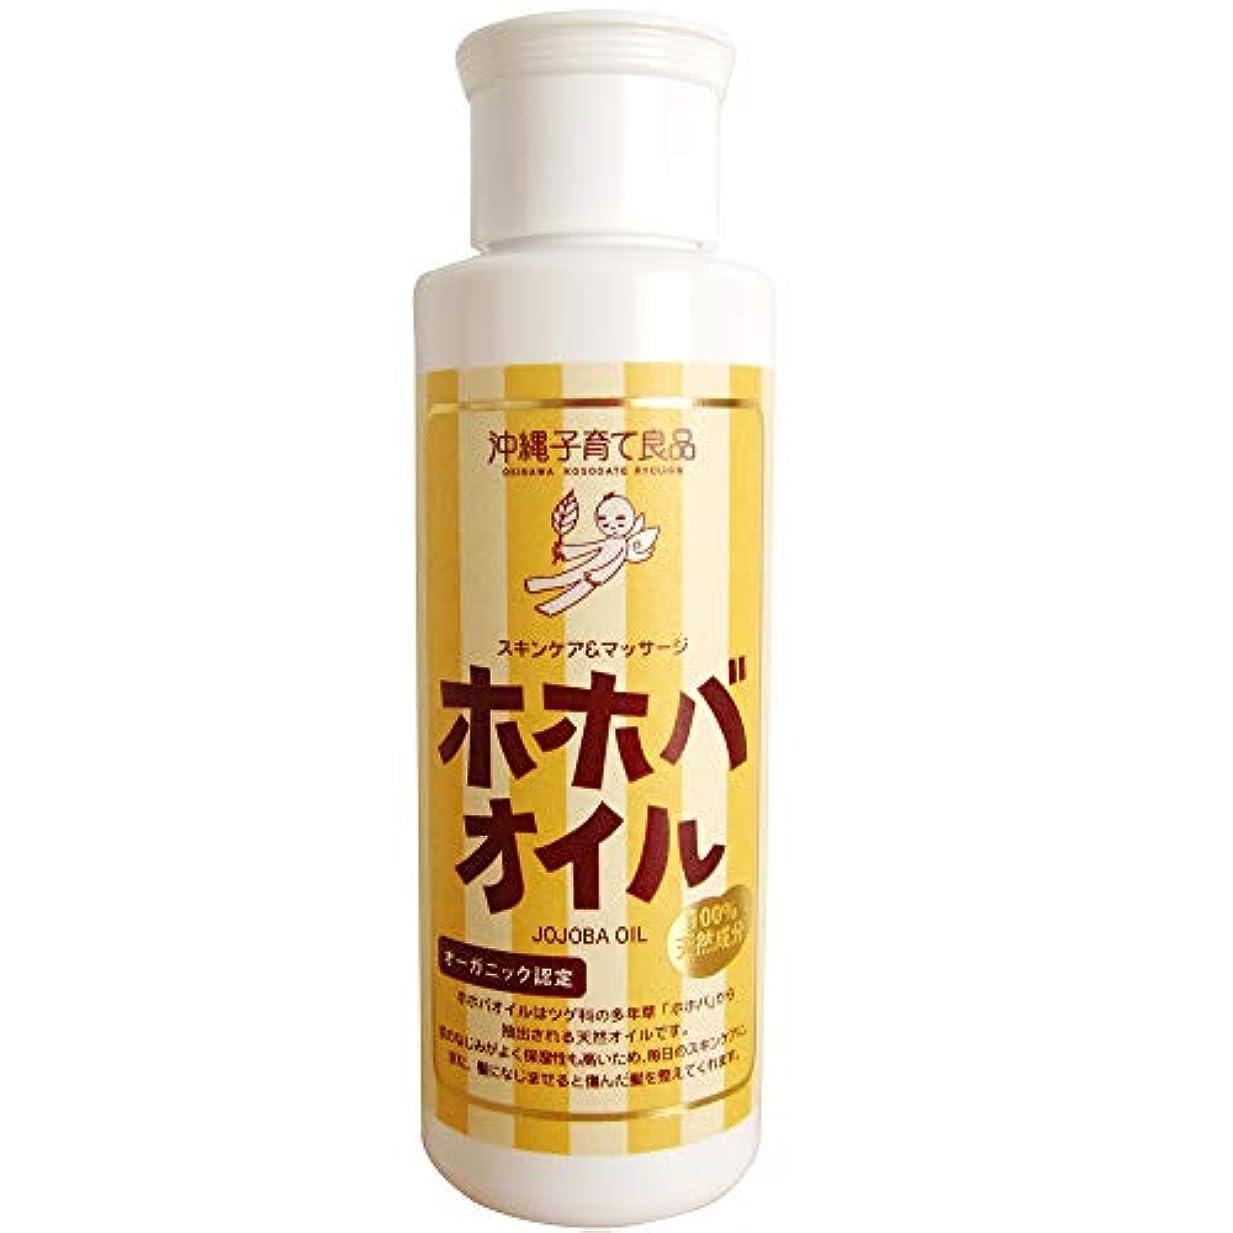 昆虫保全クアッガホホバオイル/jojoba oil (100ml)